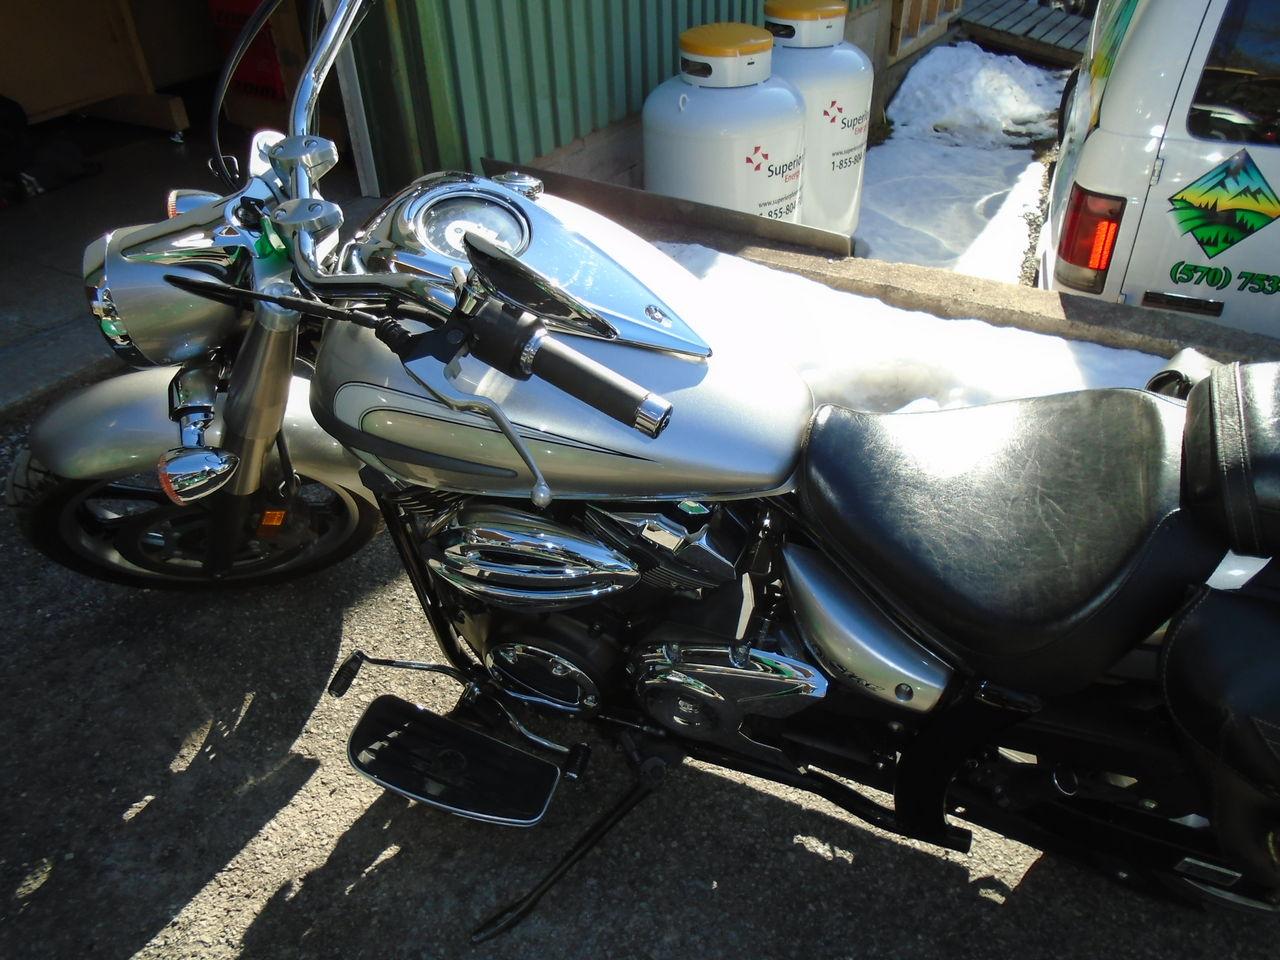 2012 Yamaha V-Star 950cc